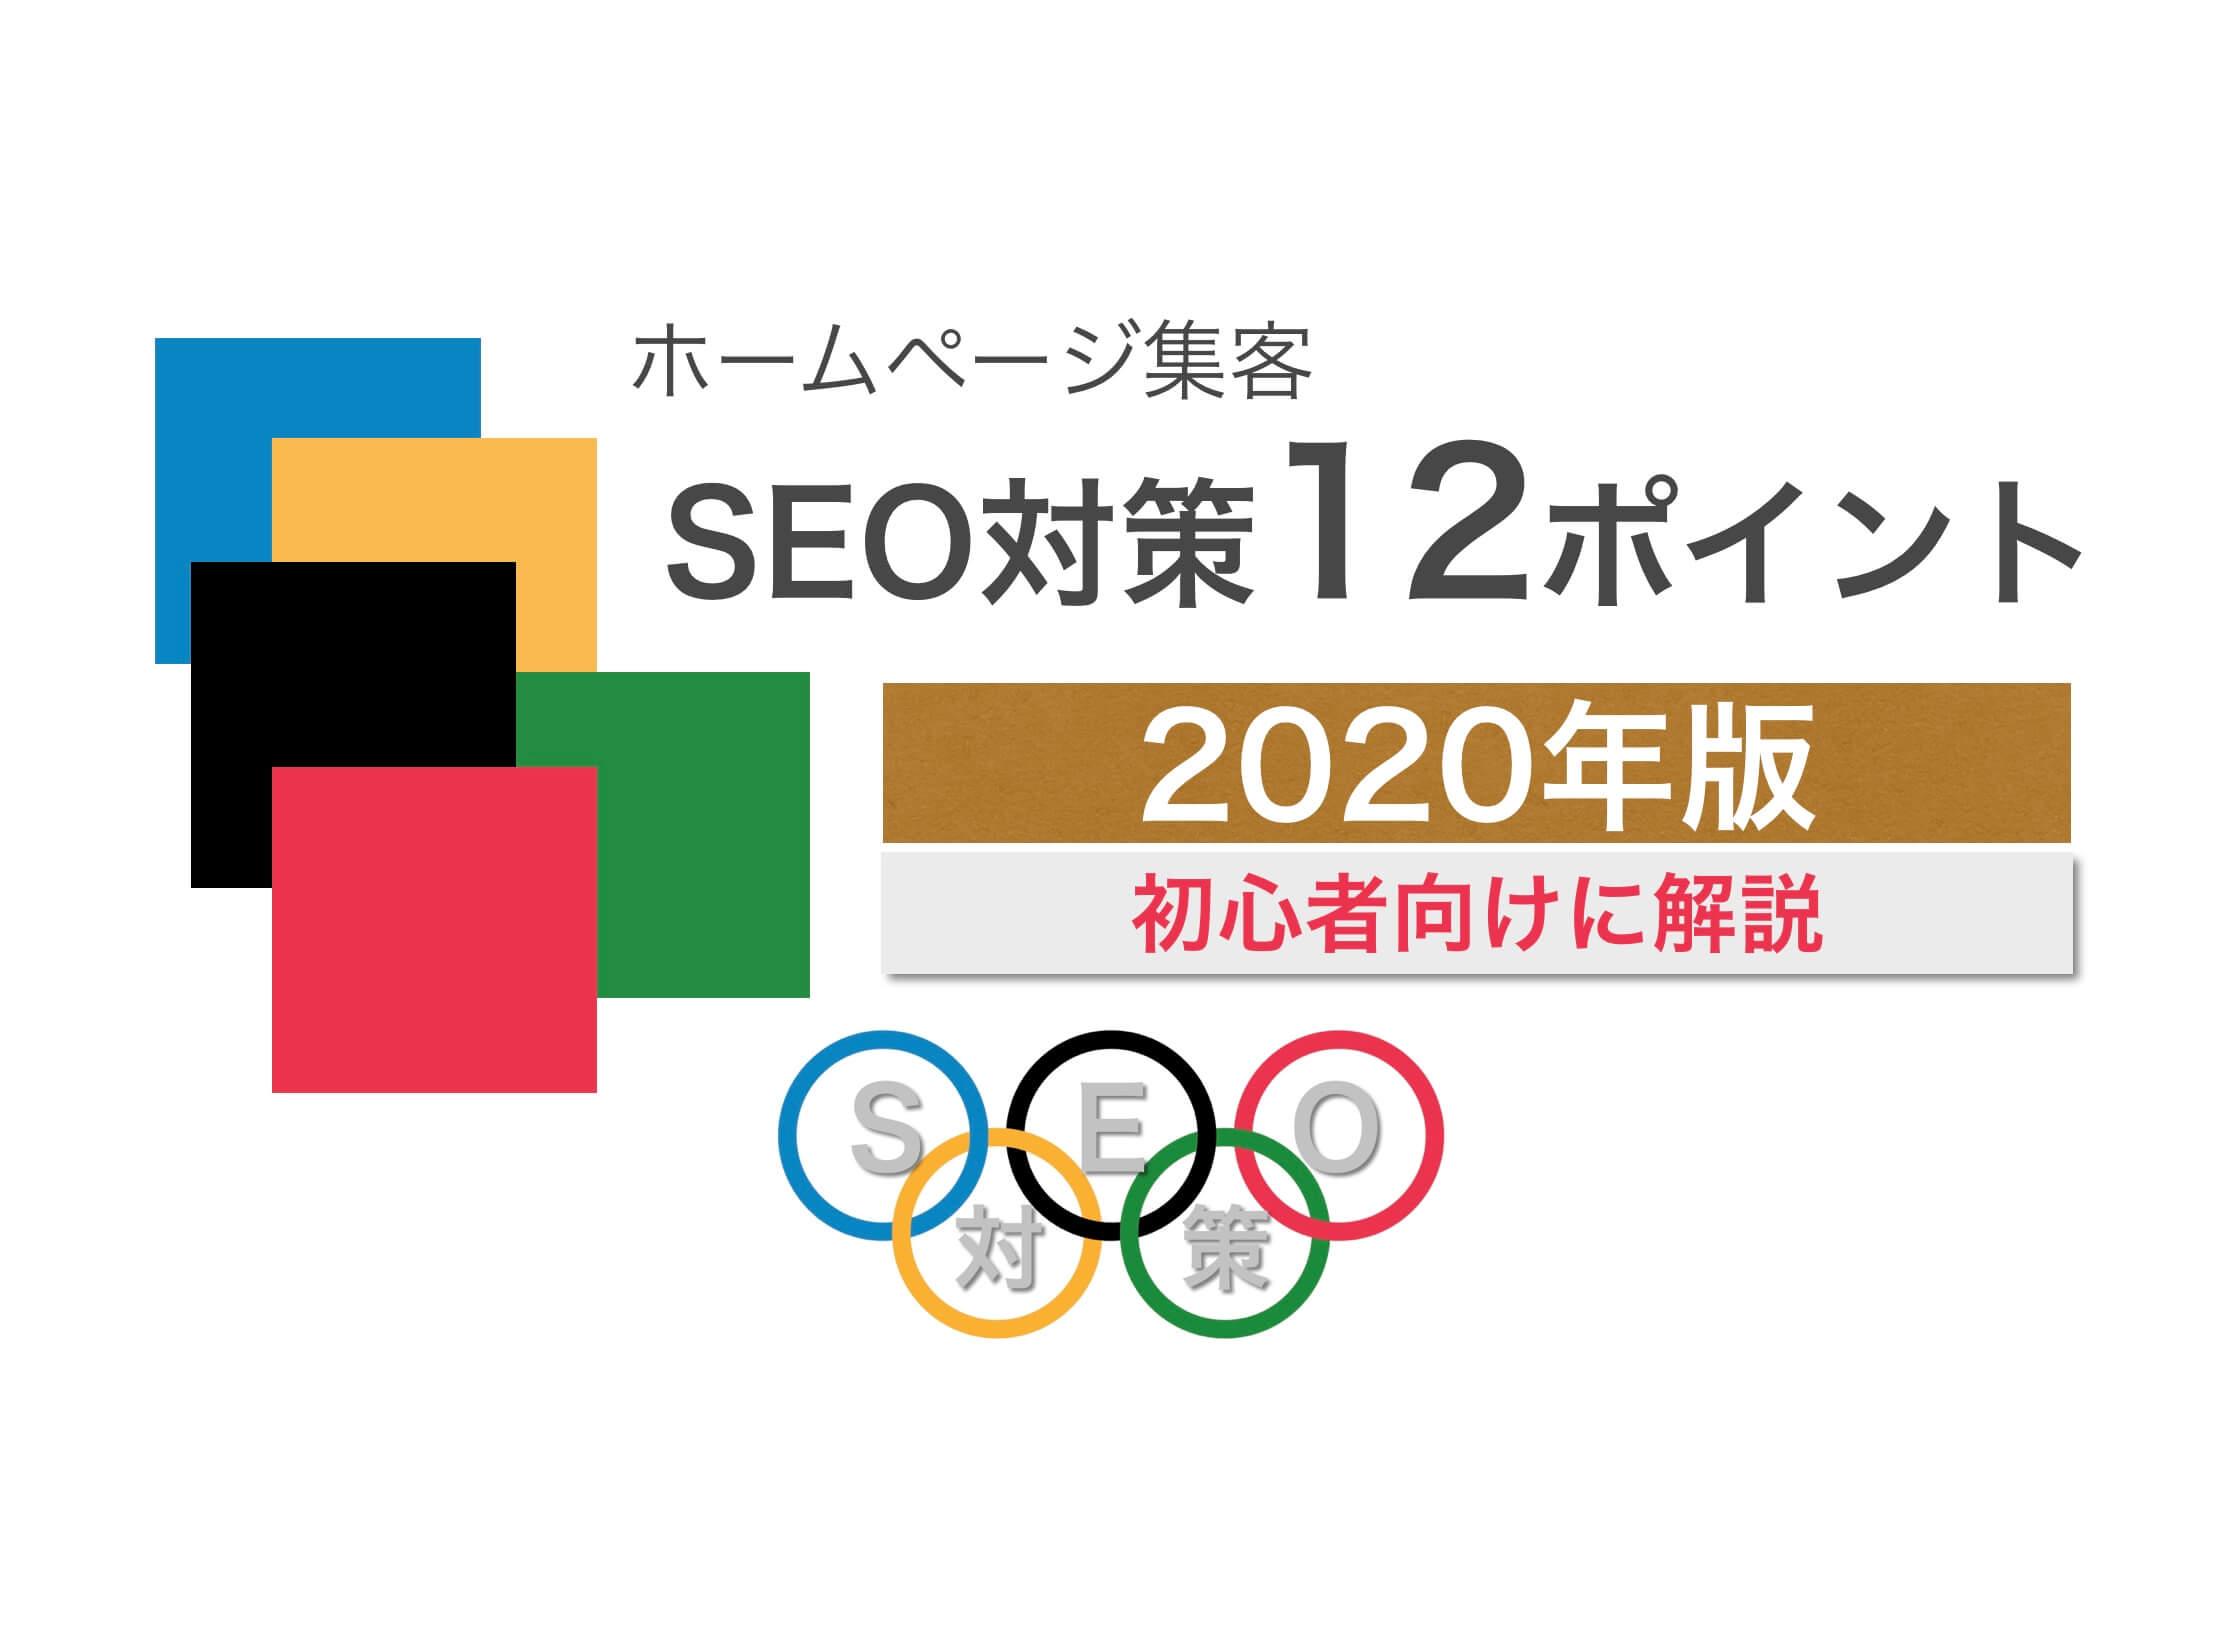 ホームページ集客SEO対策12ポイント【2020年版】初心者向け